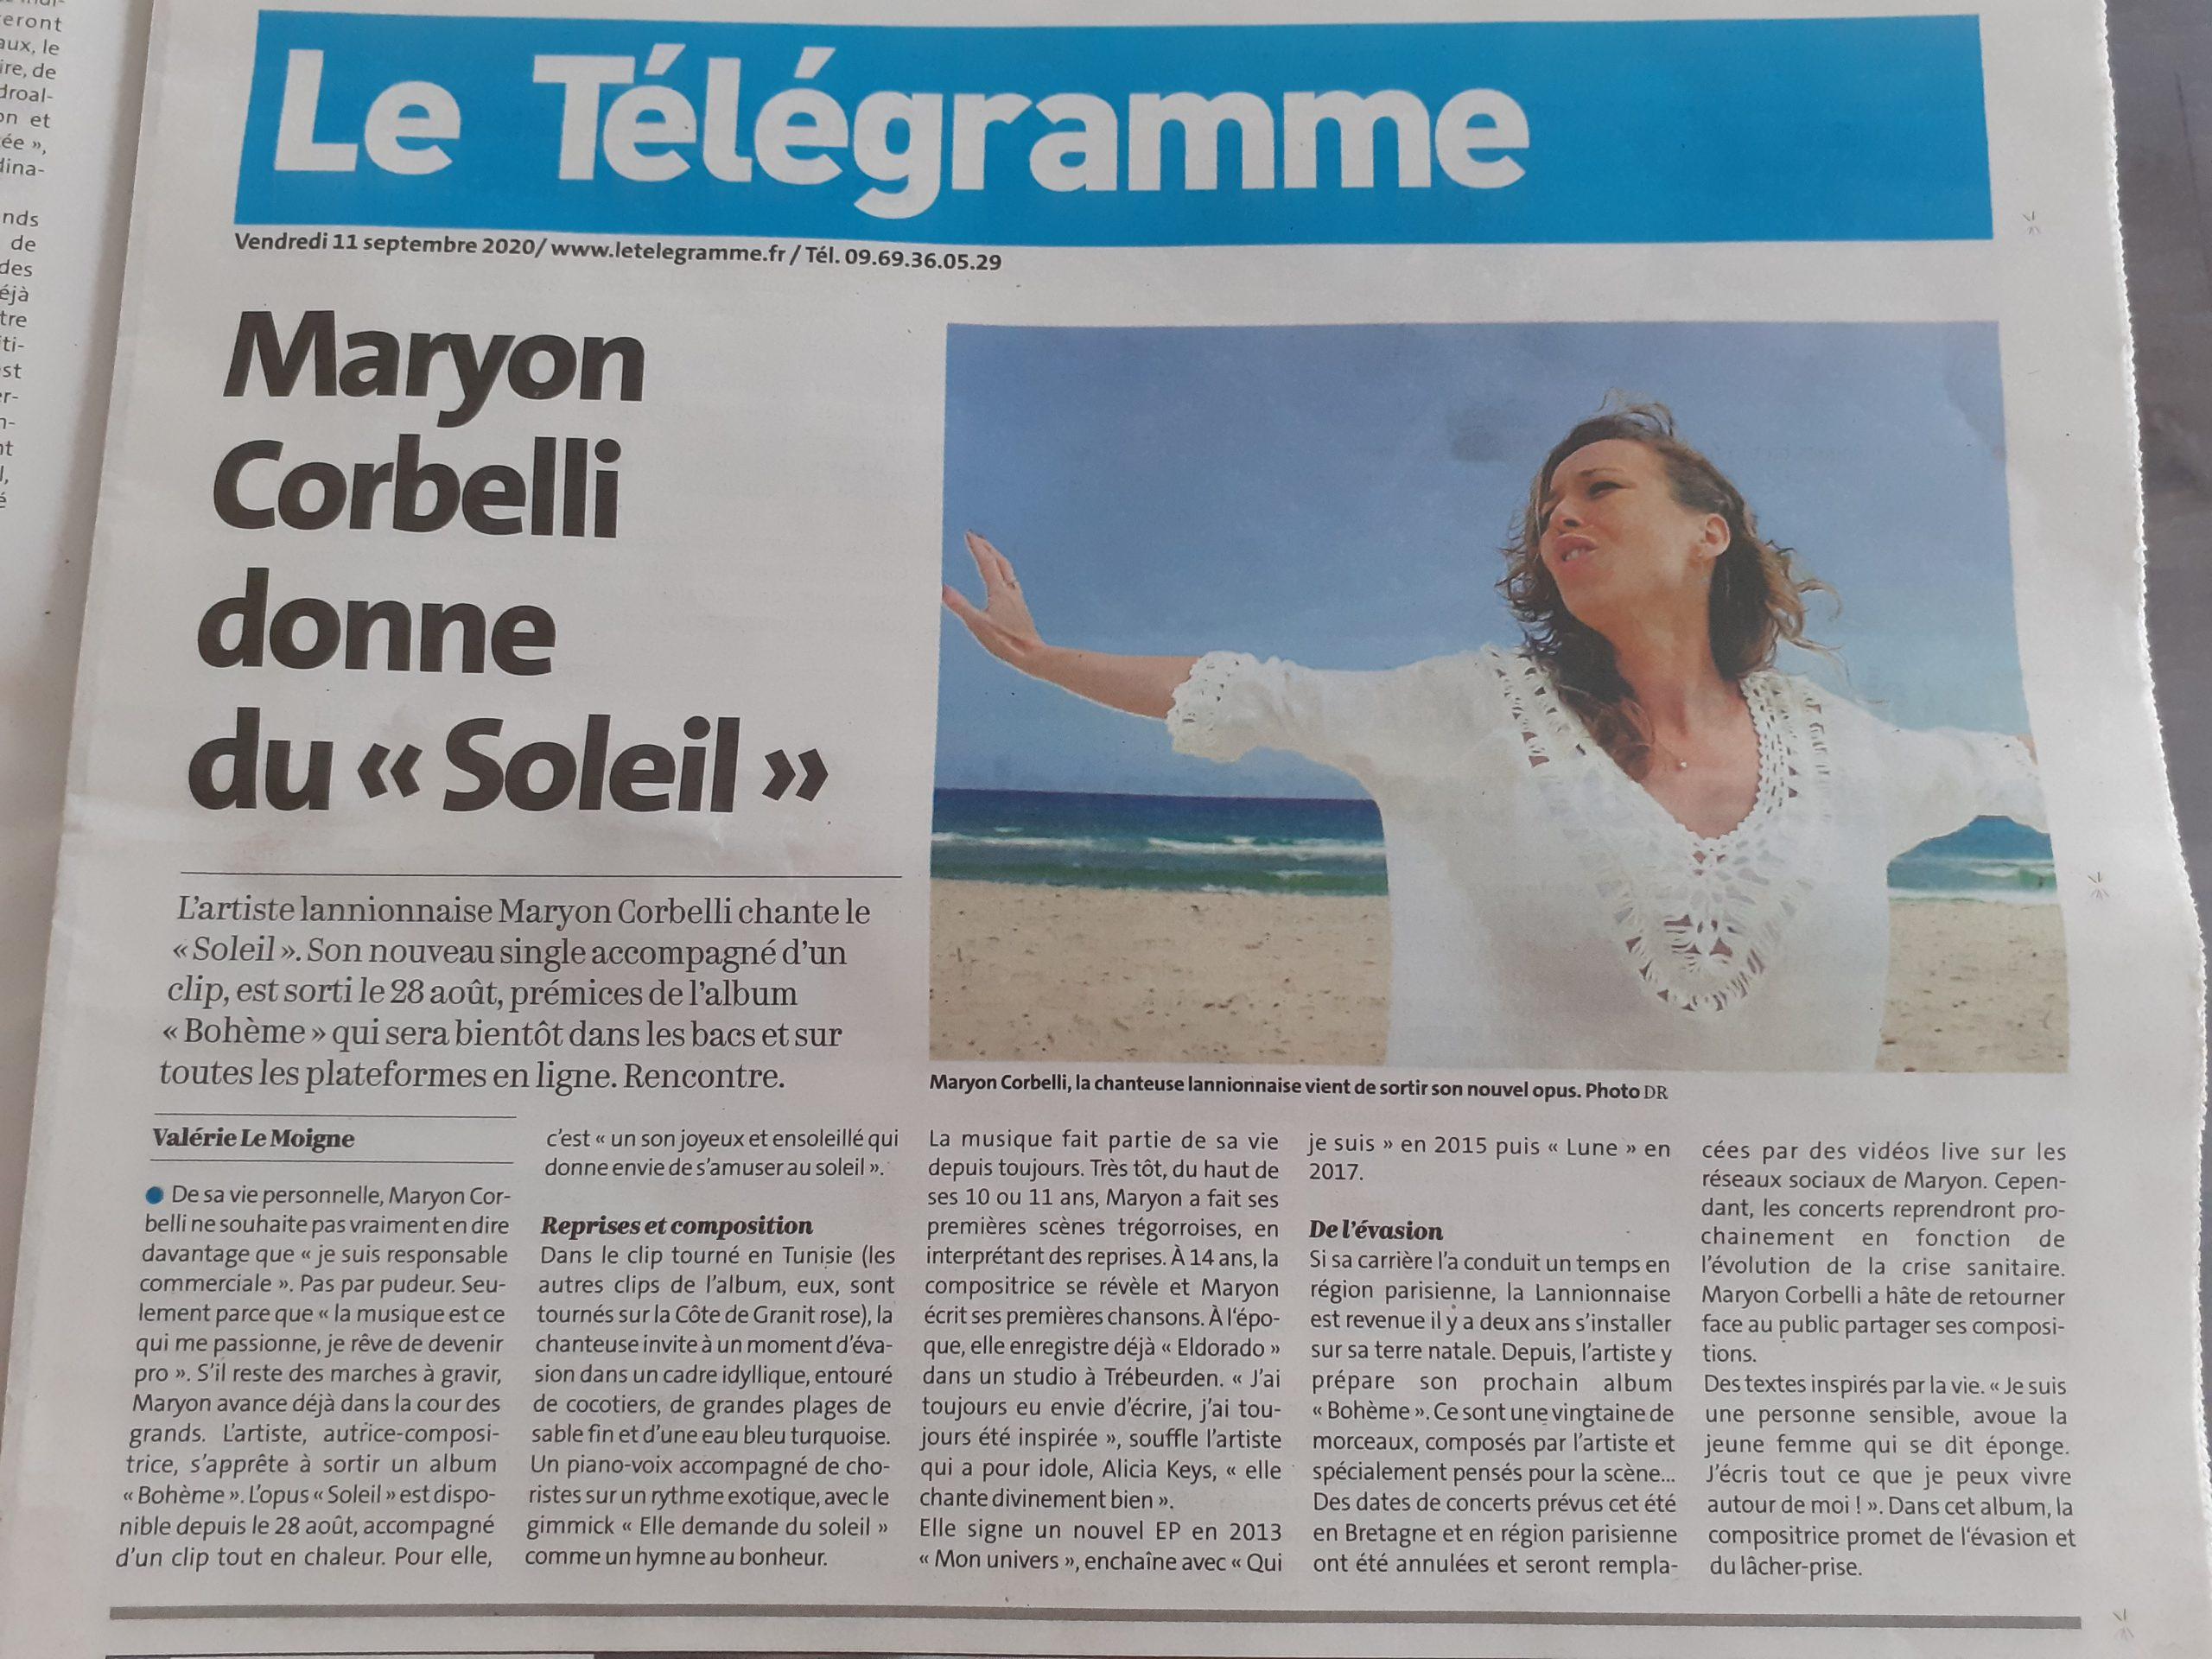 Maryon Corbelli - Parution Le Telegramme - Soleil